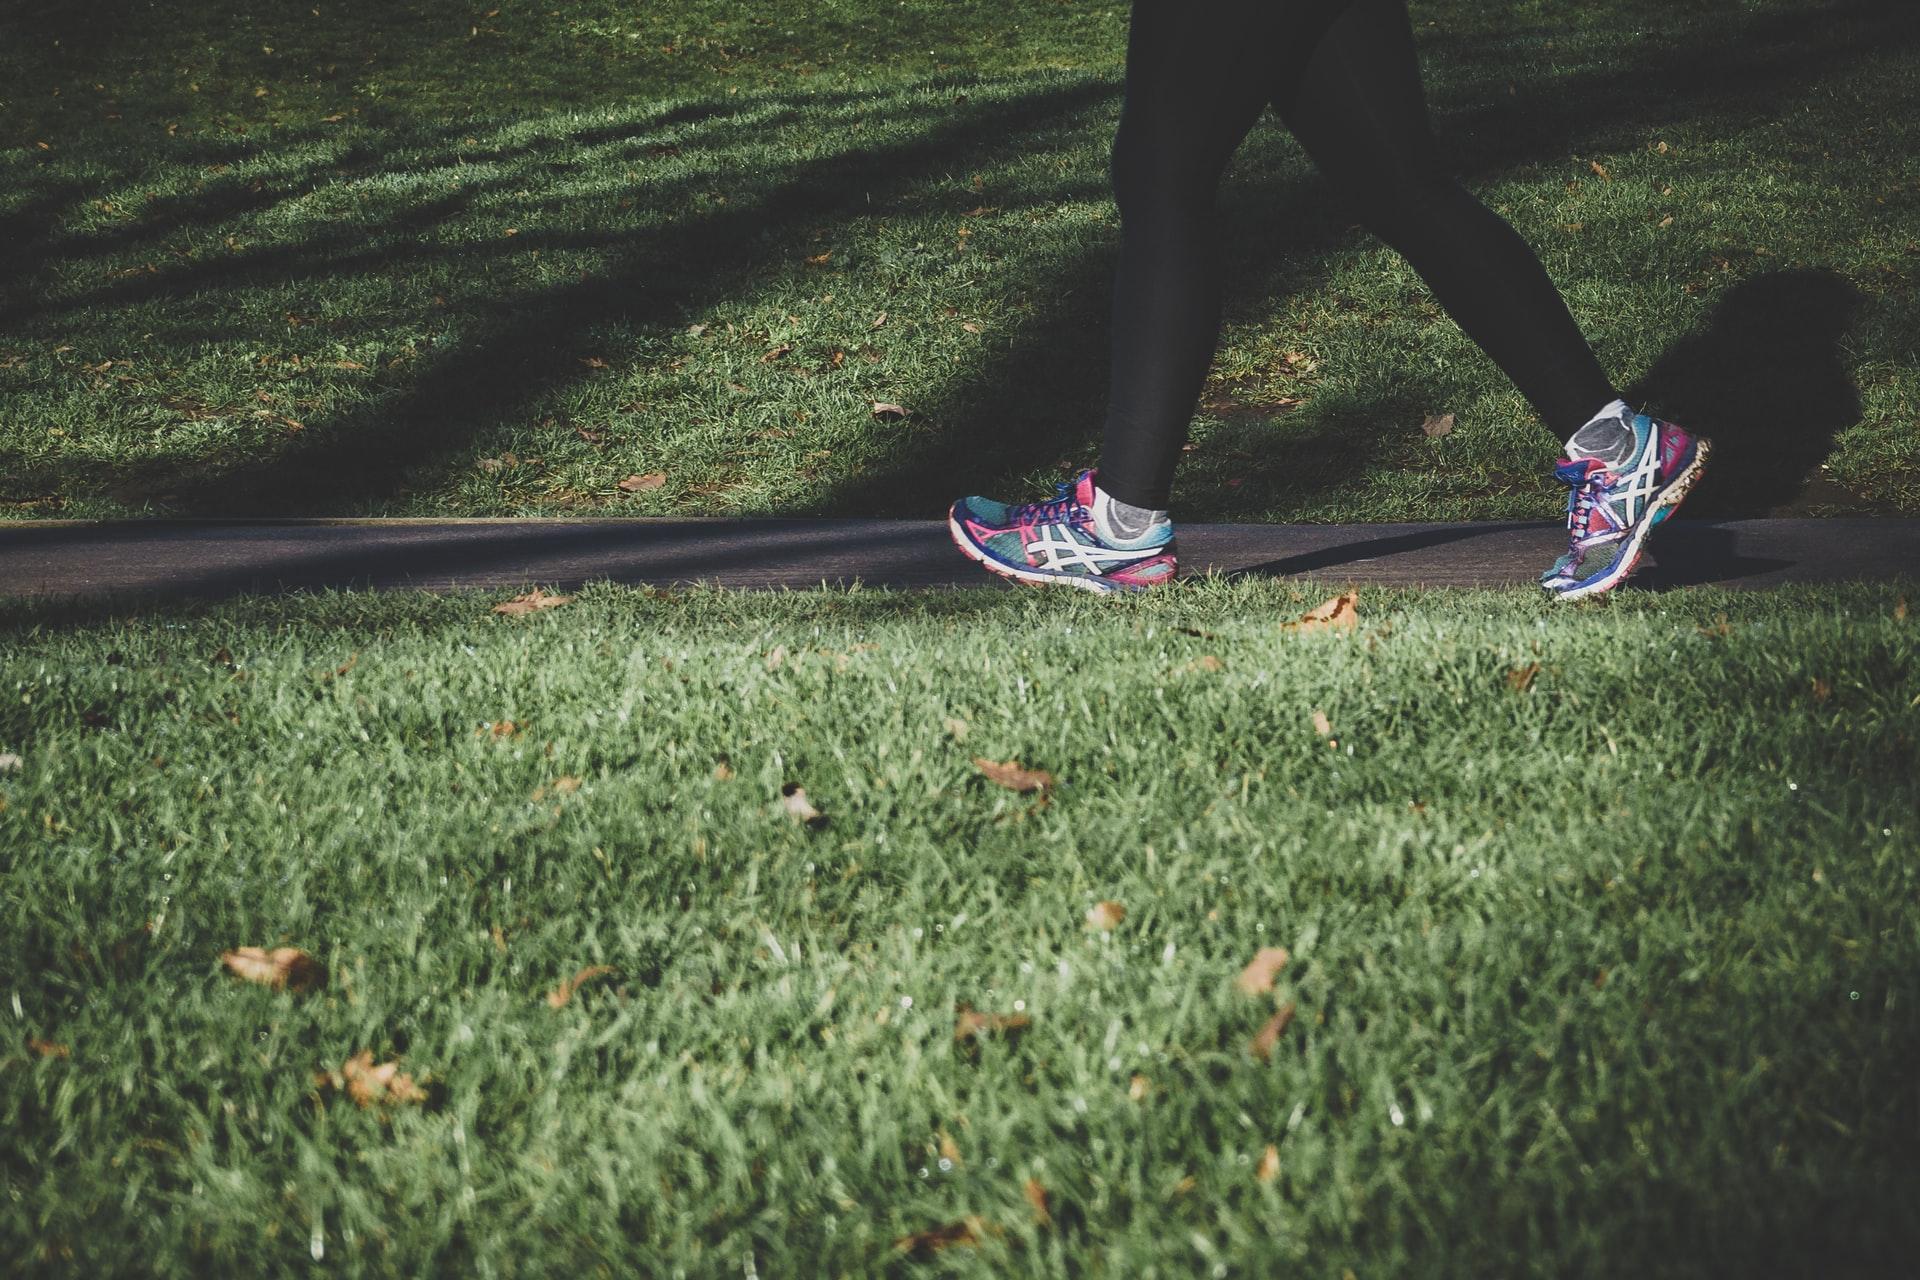 hacer ejercicio para aumentar el bienestar